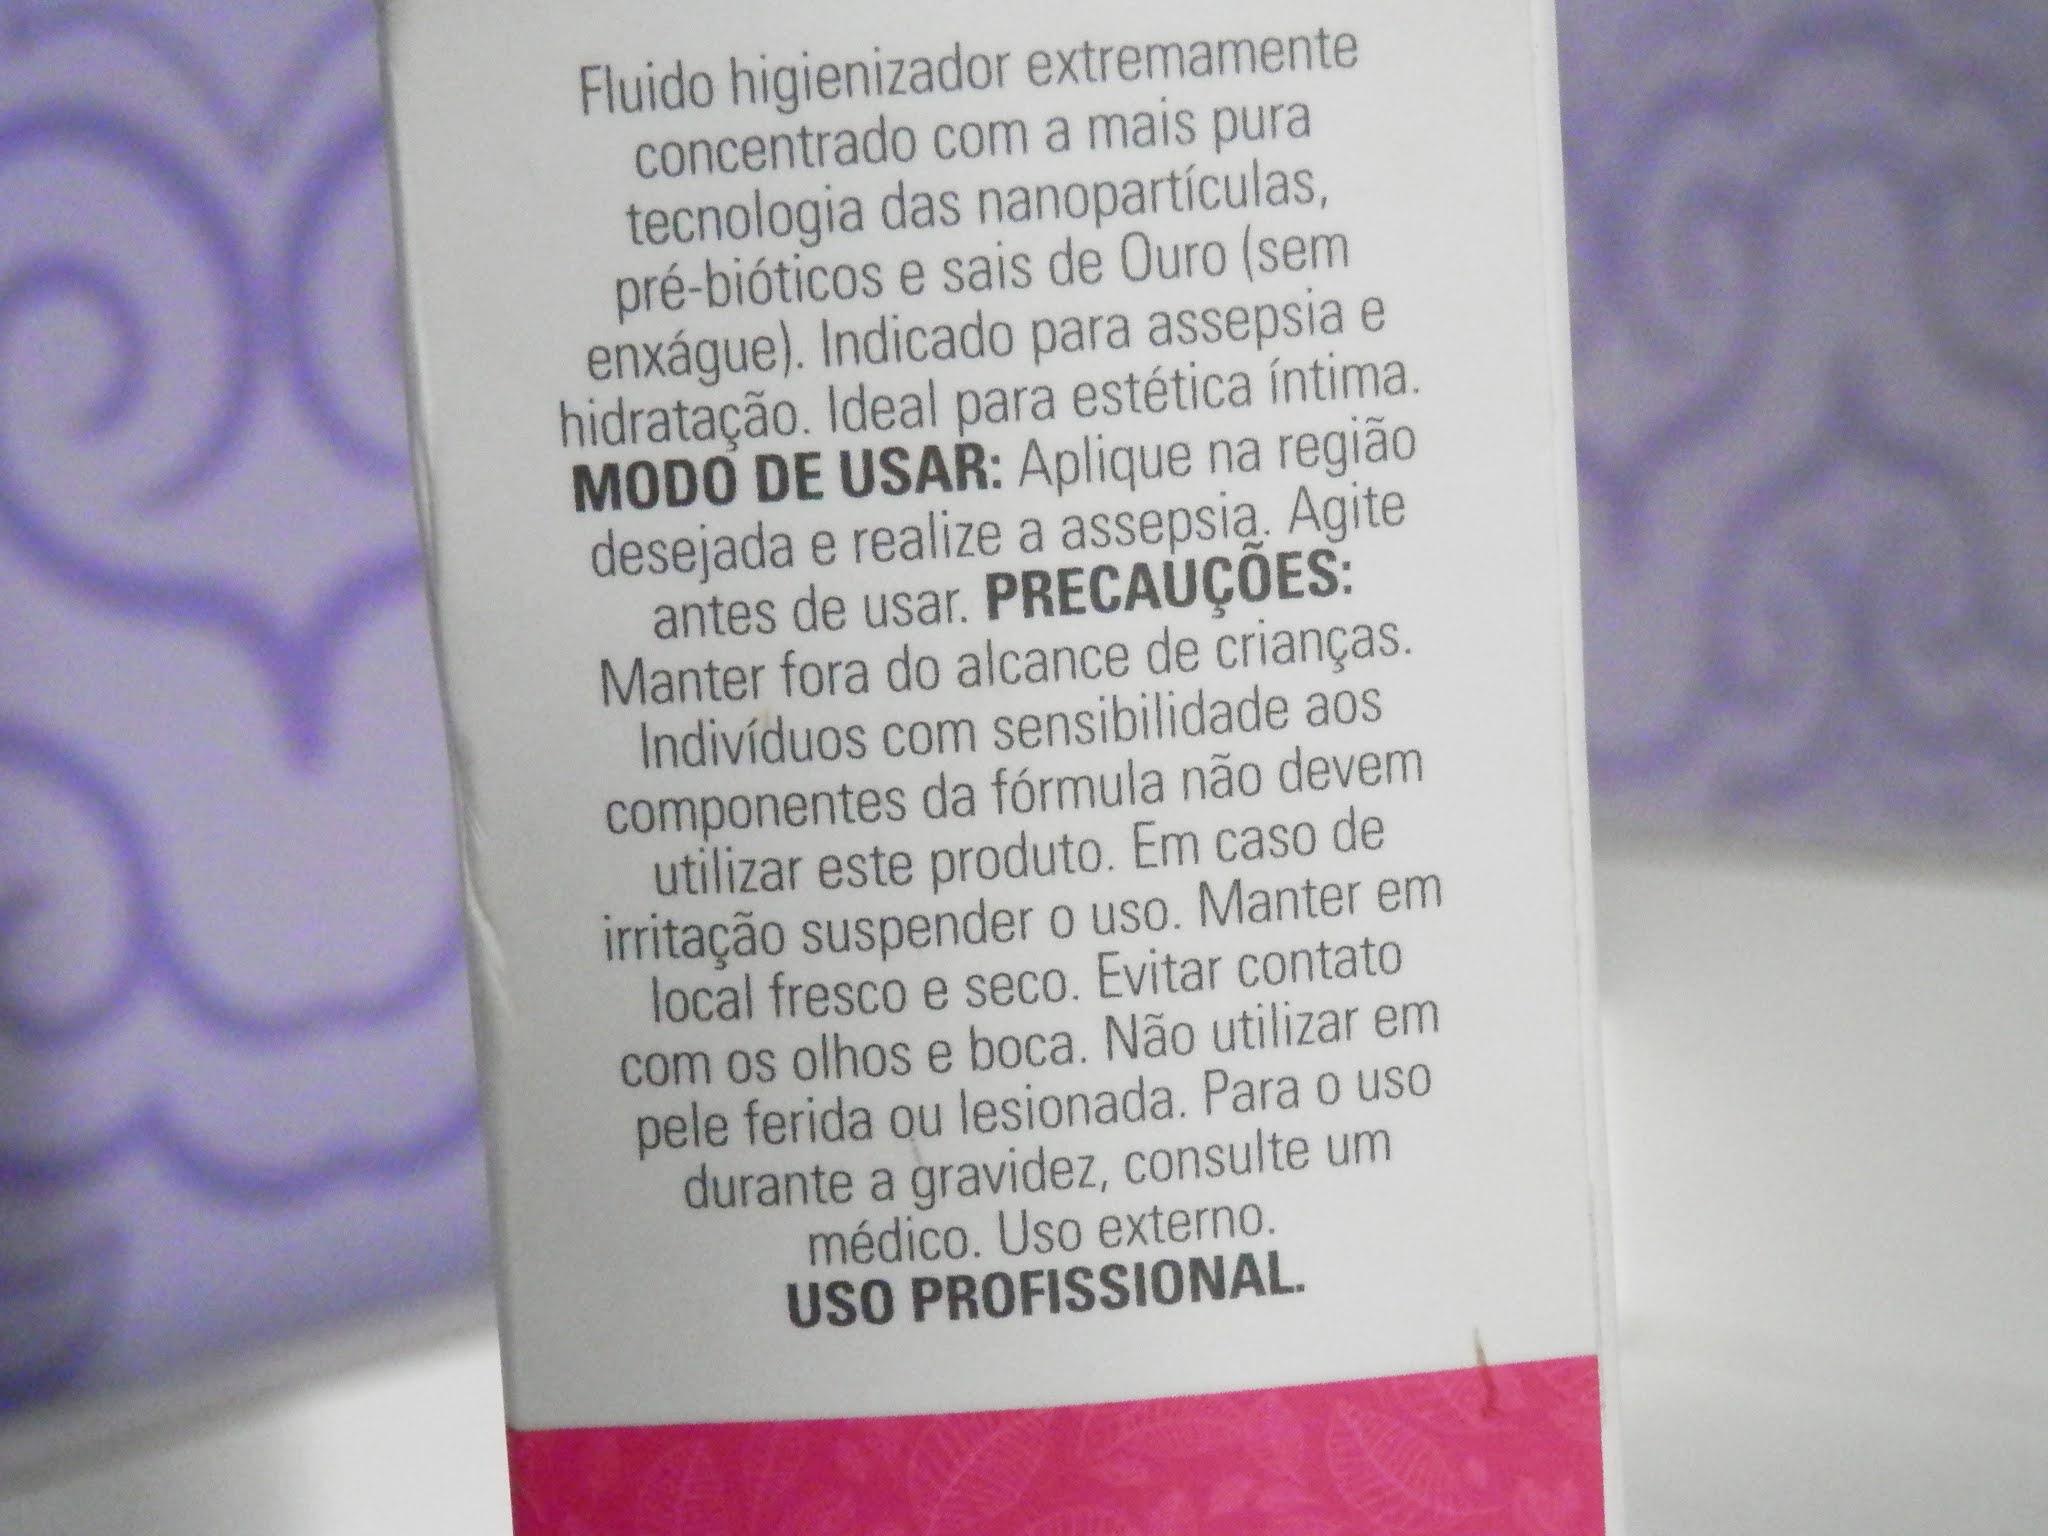 Resenha: Nano Renew Femme Fluid - Fluído higienizador feminino extremamente concentrado